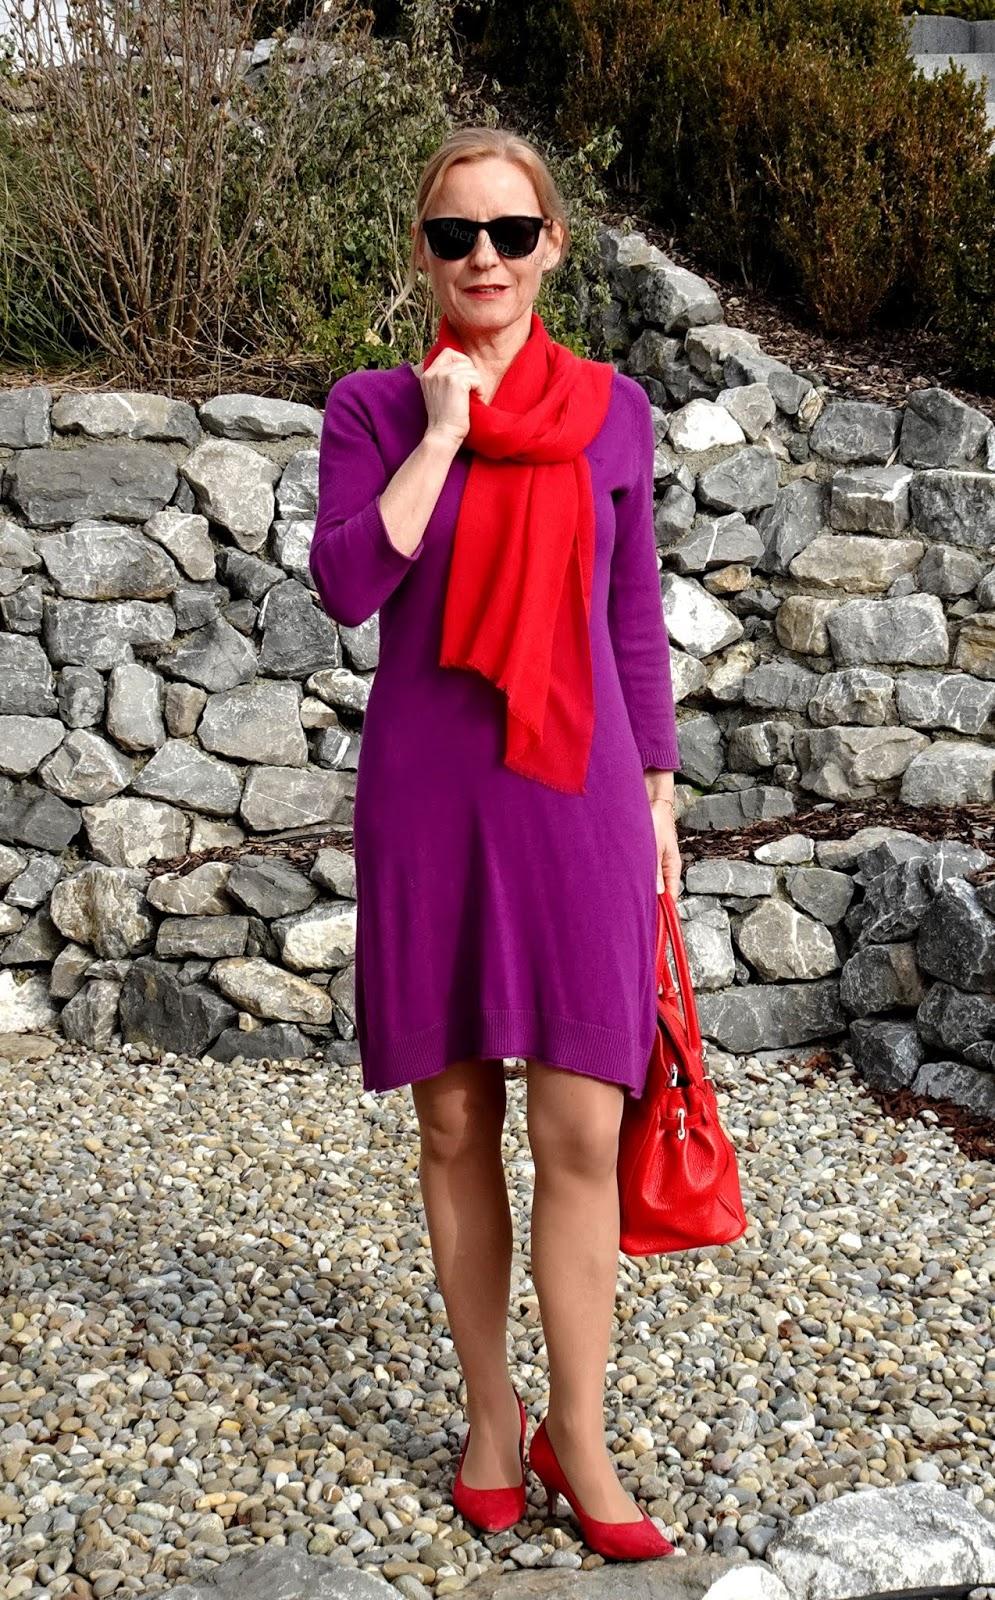 kräftige farben kombinieren - lila und rot